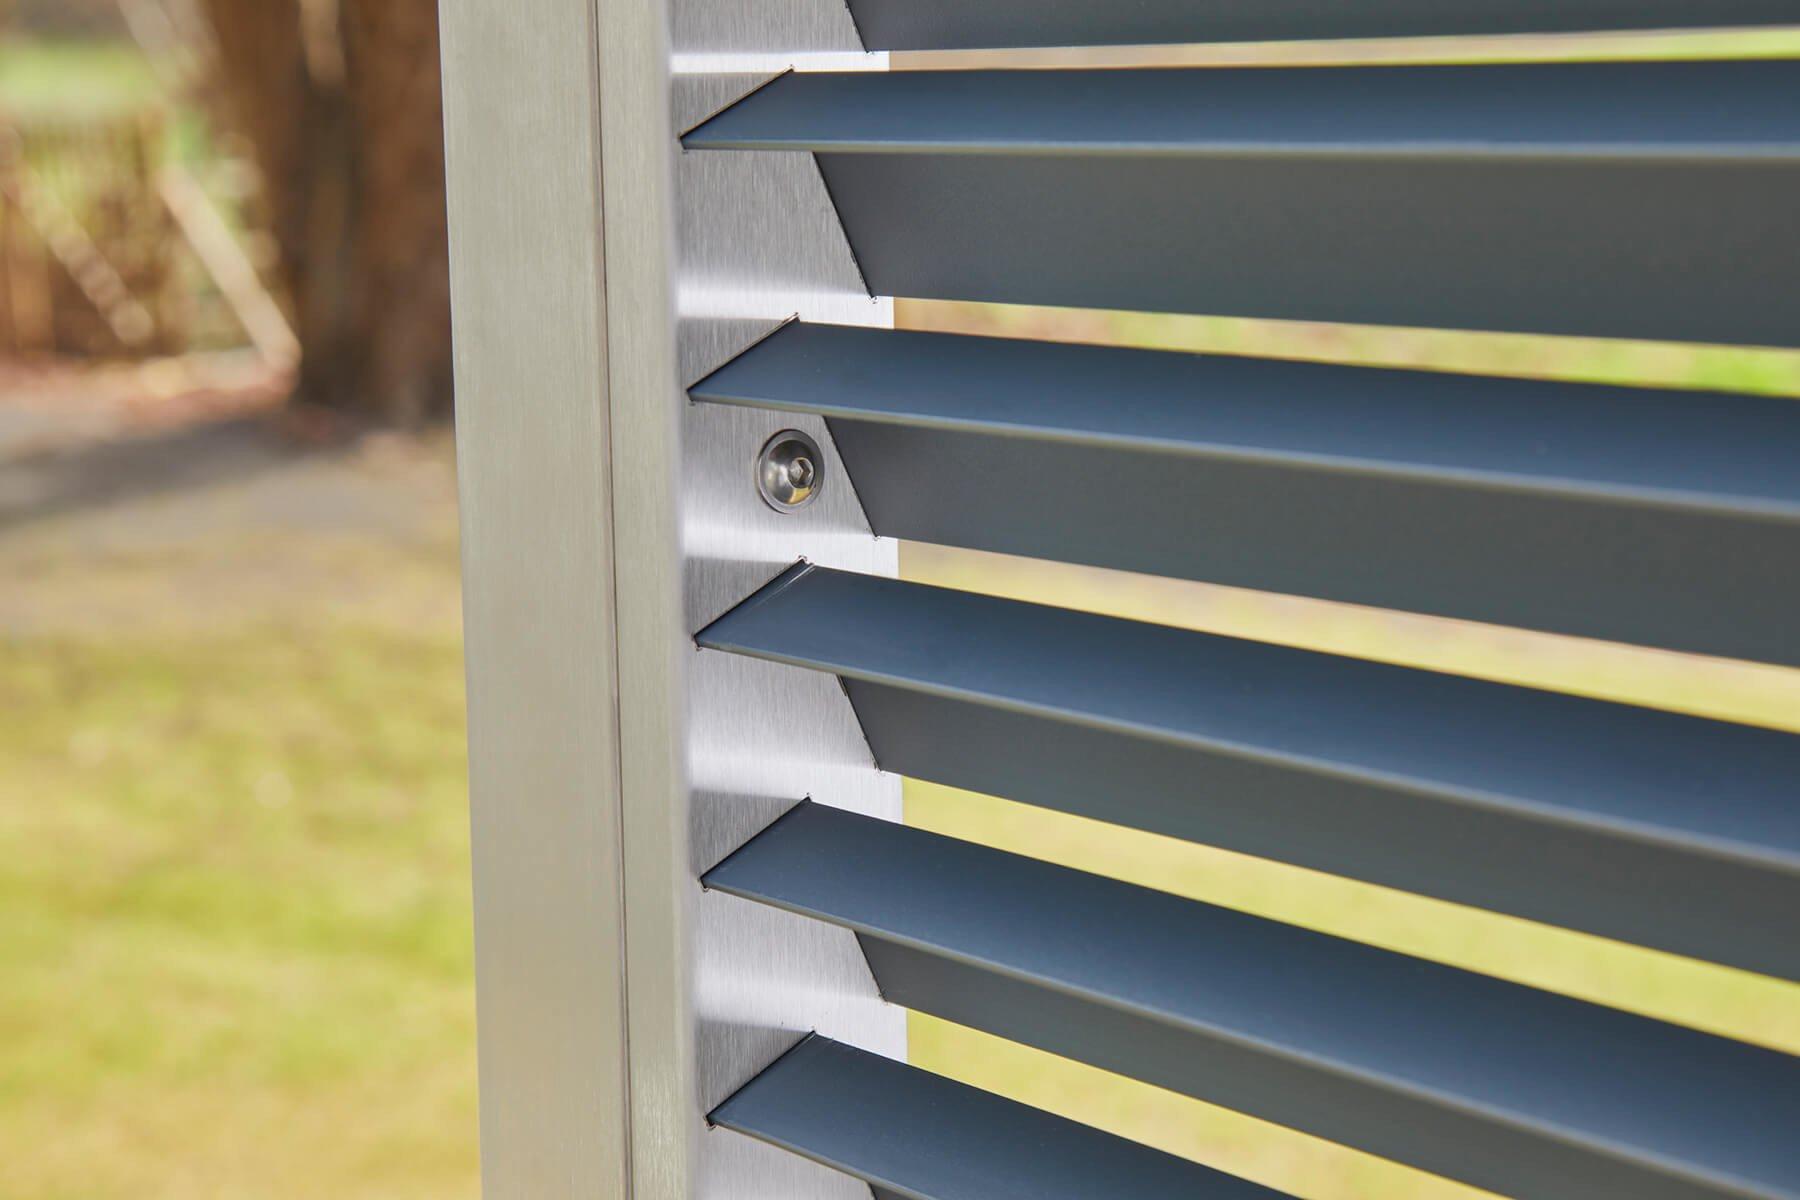 moderner-lamellenzaun-mit-optimaler-lichtdurchlaessigkeit- tranzluzens-sorgt-fuer-ein-perfektes-ambiente-auf-der-terrasse-oder- im-garten